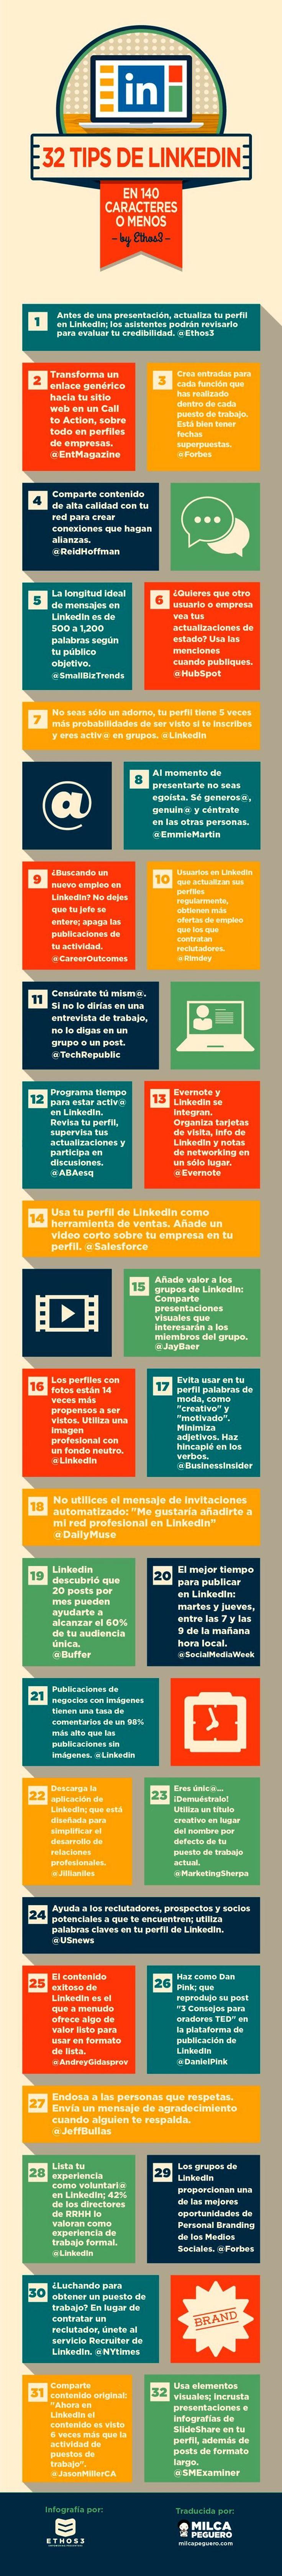 Extraordinaria infografía con 32 tips para LinkedIn de 140 caracteres o menos. Esto los hace perfectos para publicarse como tweets en la red social Twitter.